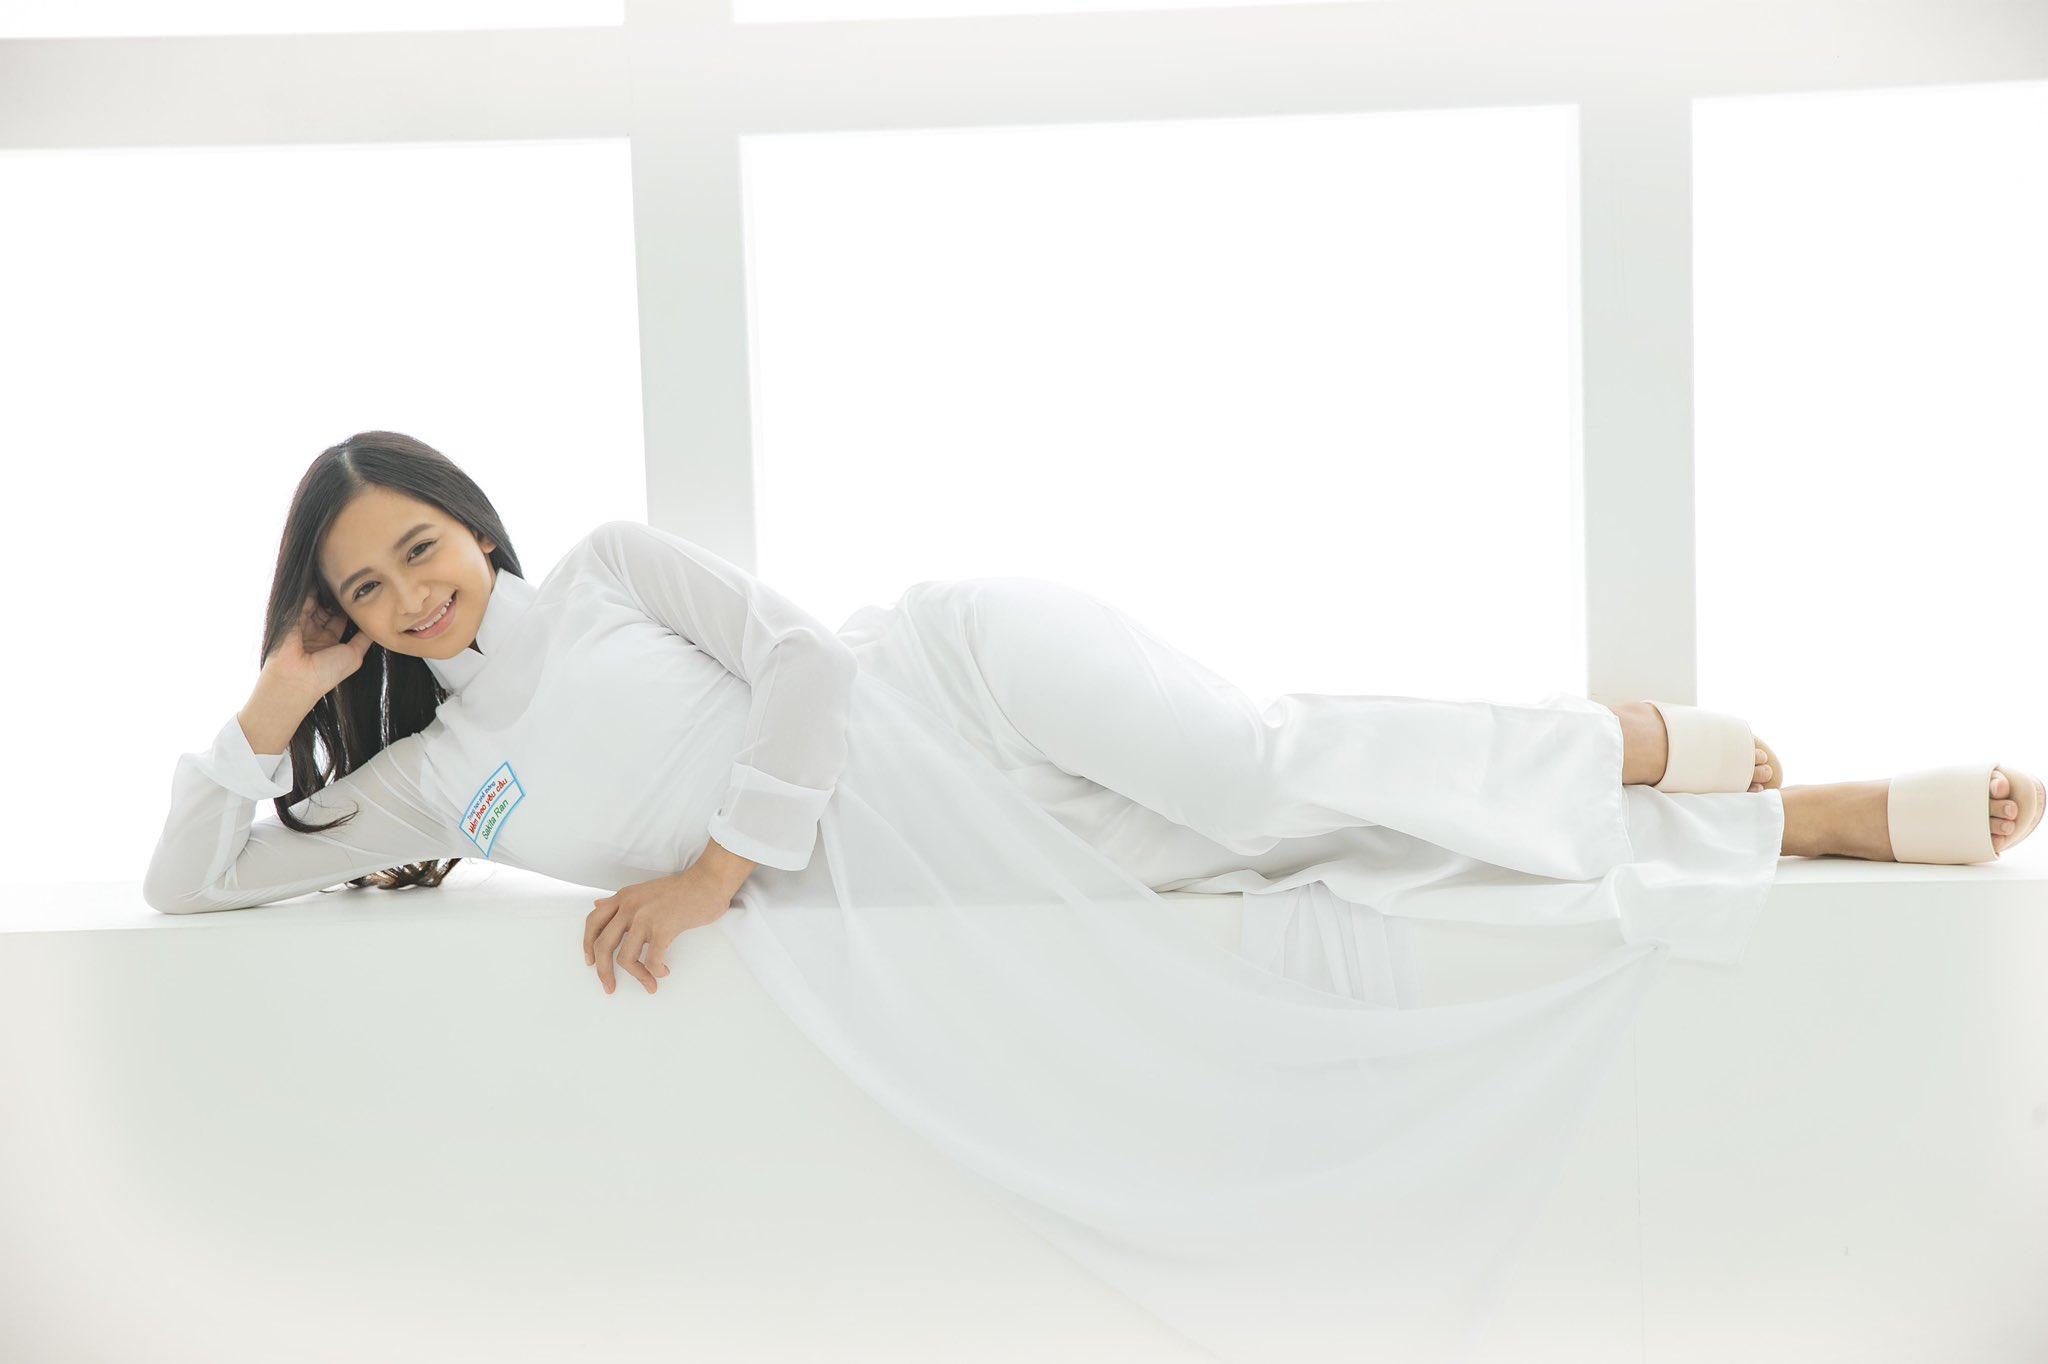 Sakita Ran ดาราเอวี SOD ที่หื่นสุดๆ แถมยังเป็นลูกครึ่งอาเซียน - SDAB-170